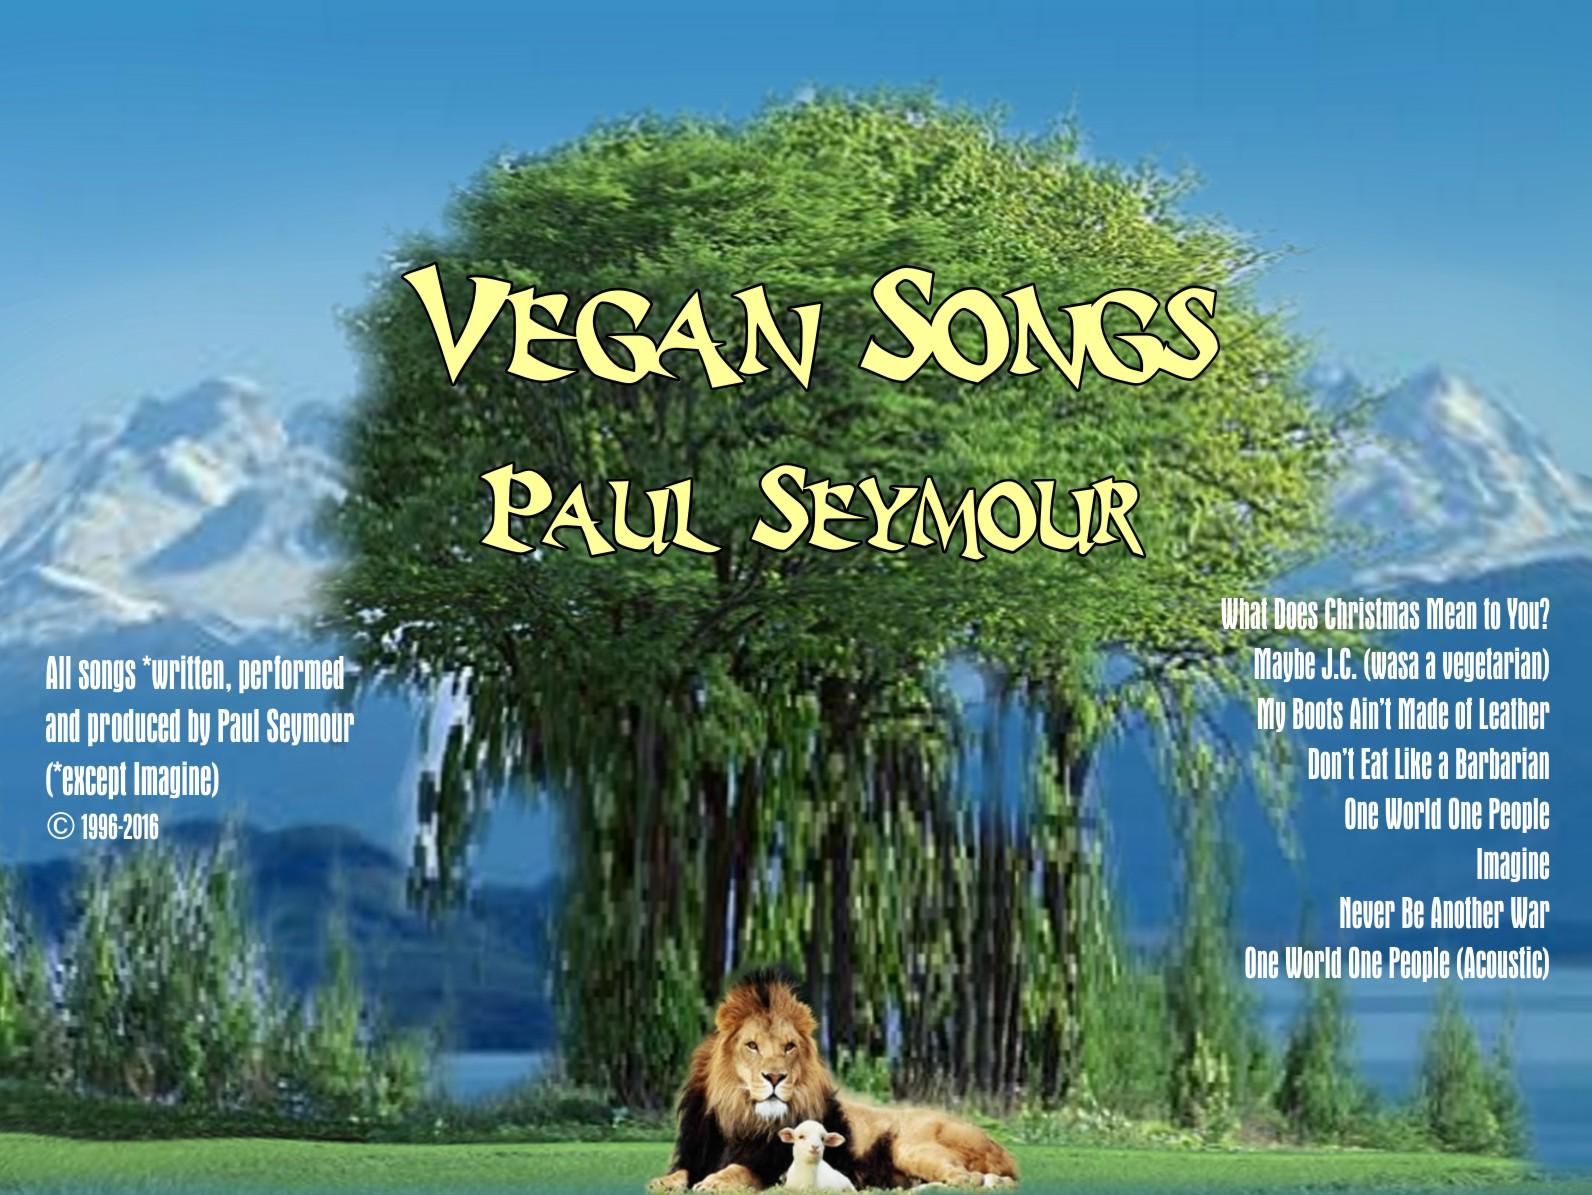 Vegan Songs